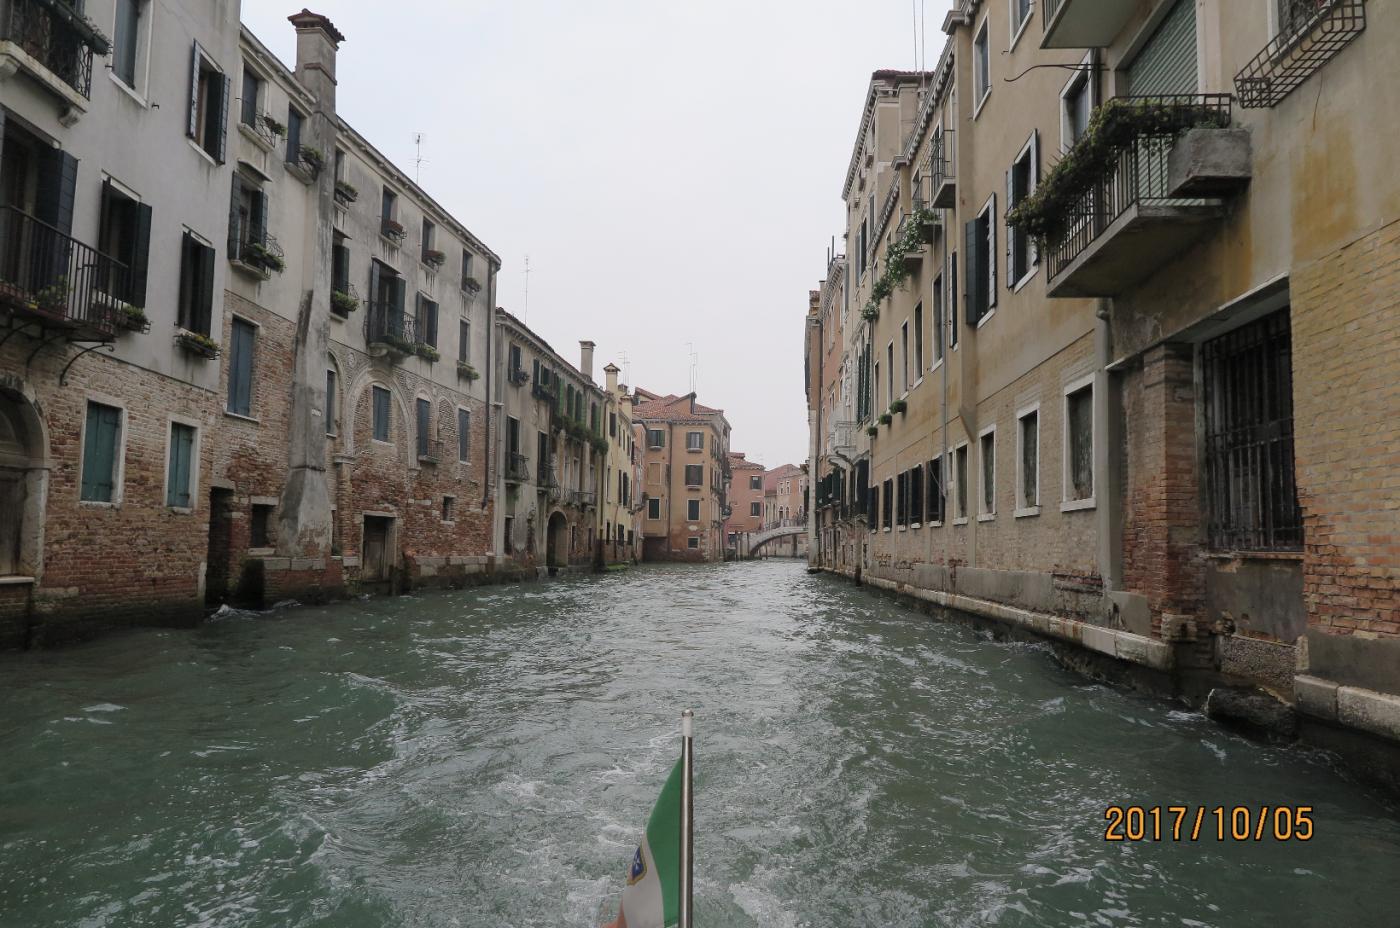 水乡威尼斯:无限的魅力永久的回忆_图1-13